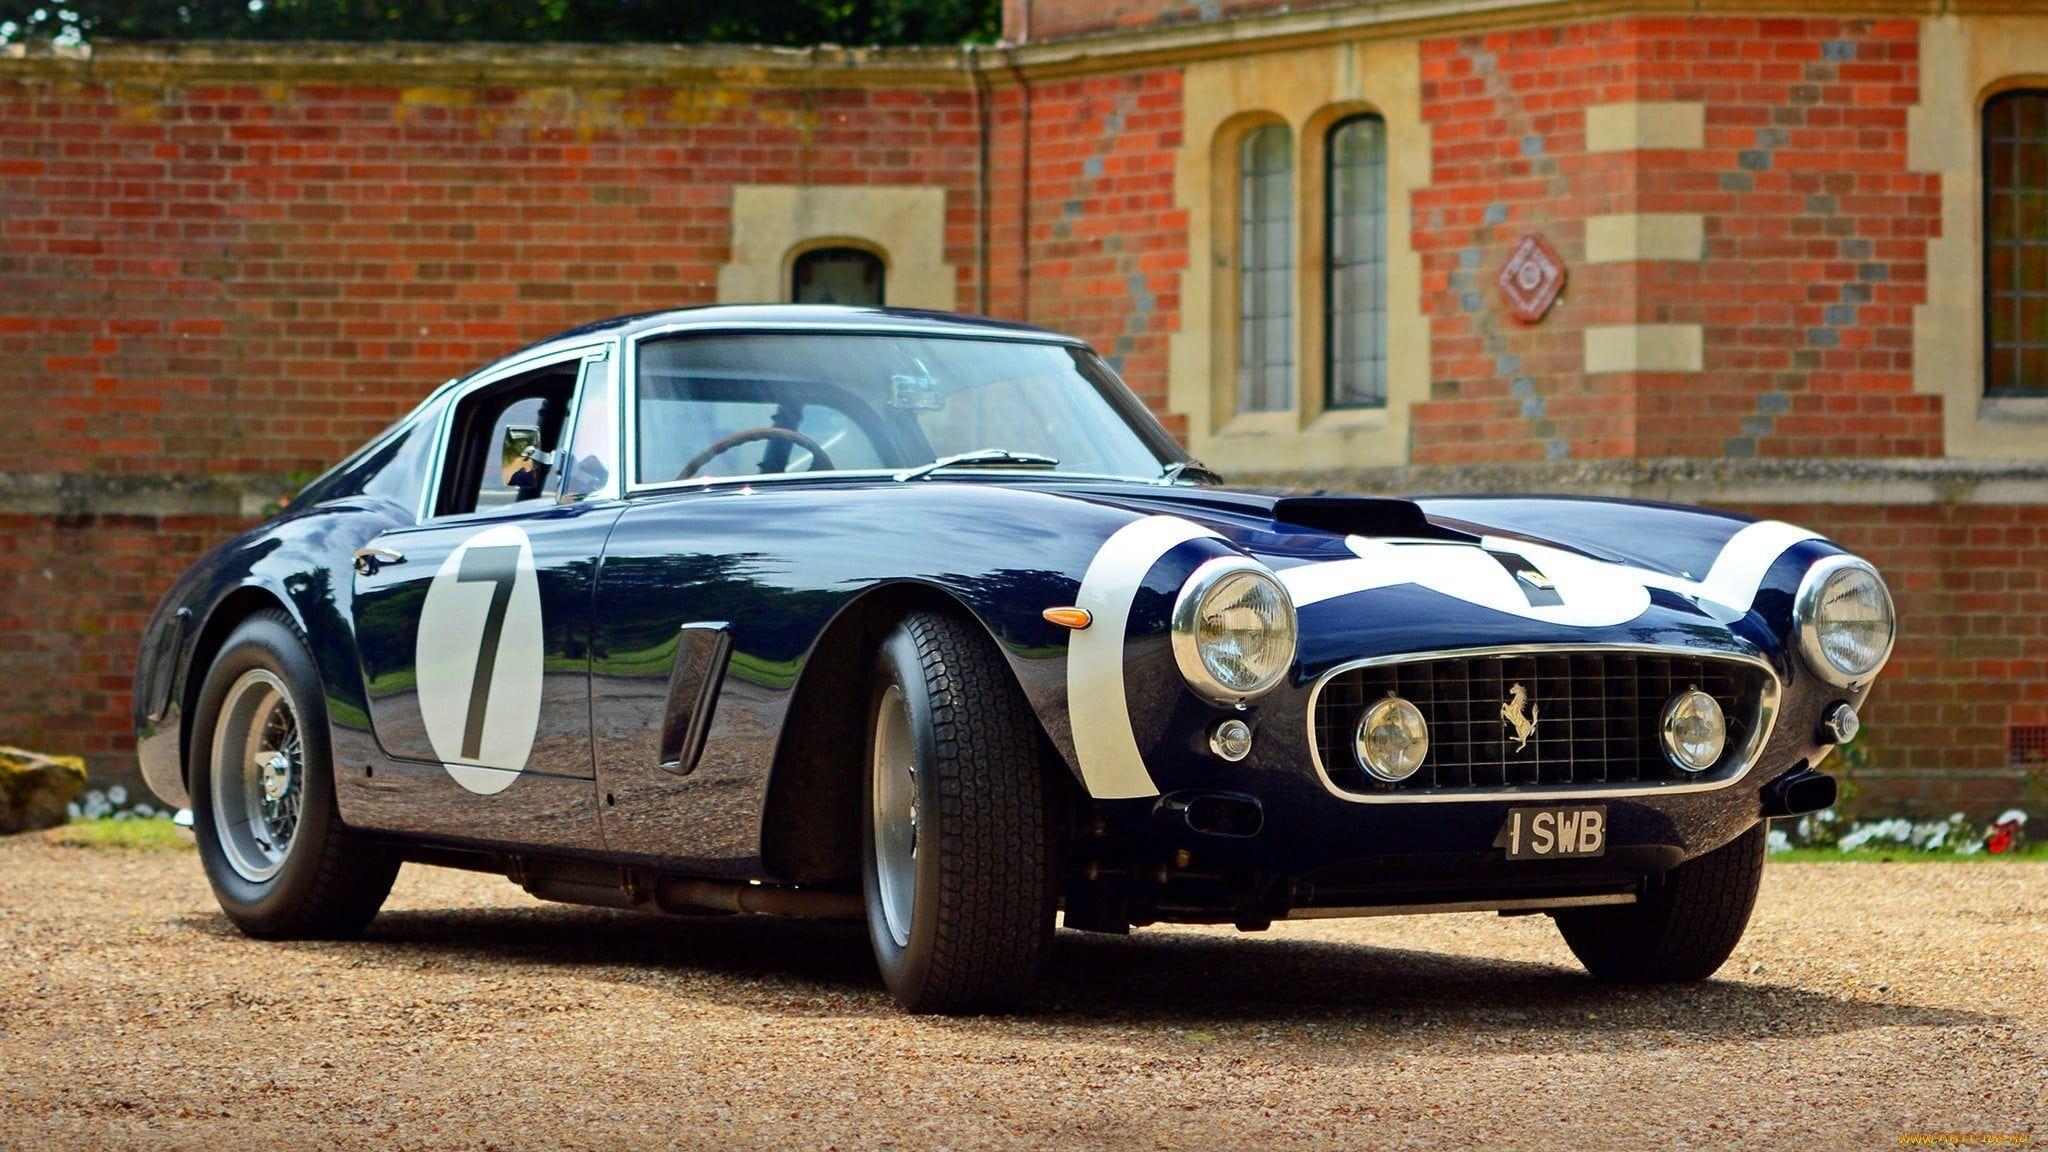 black coupe #Ferrari #car 250 GT Berlinetta SWB  Classic Ferrari old car classic…